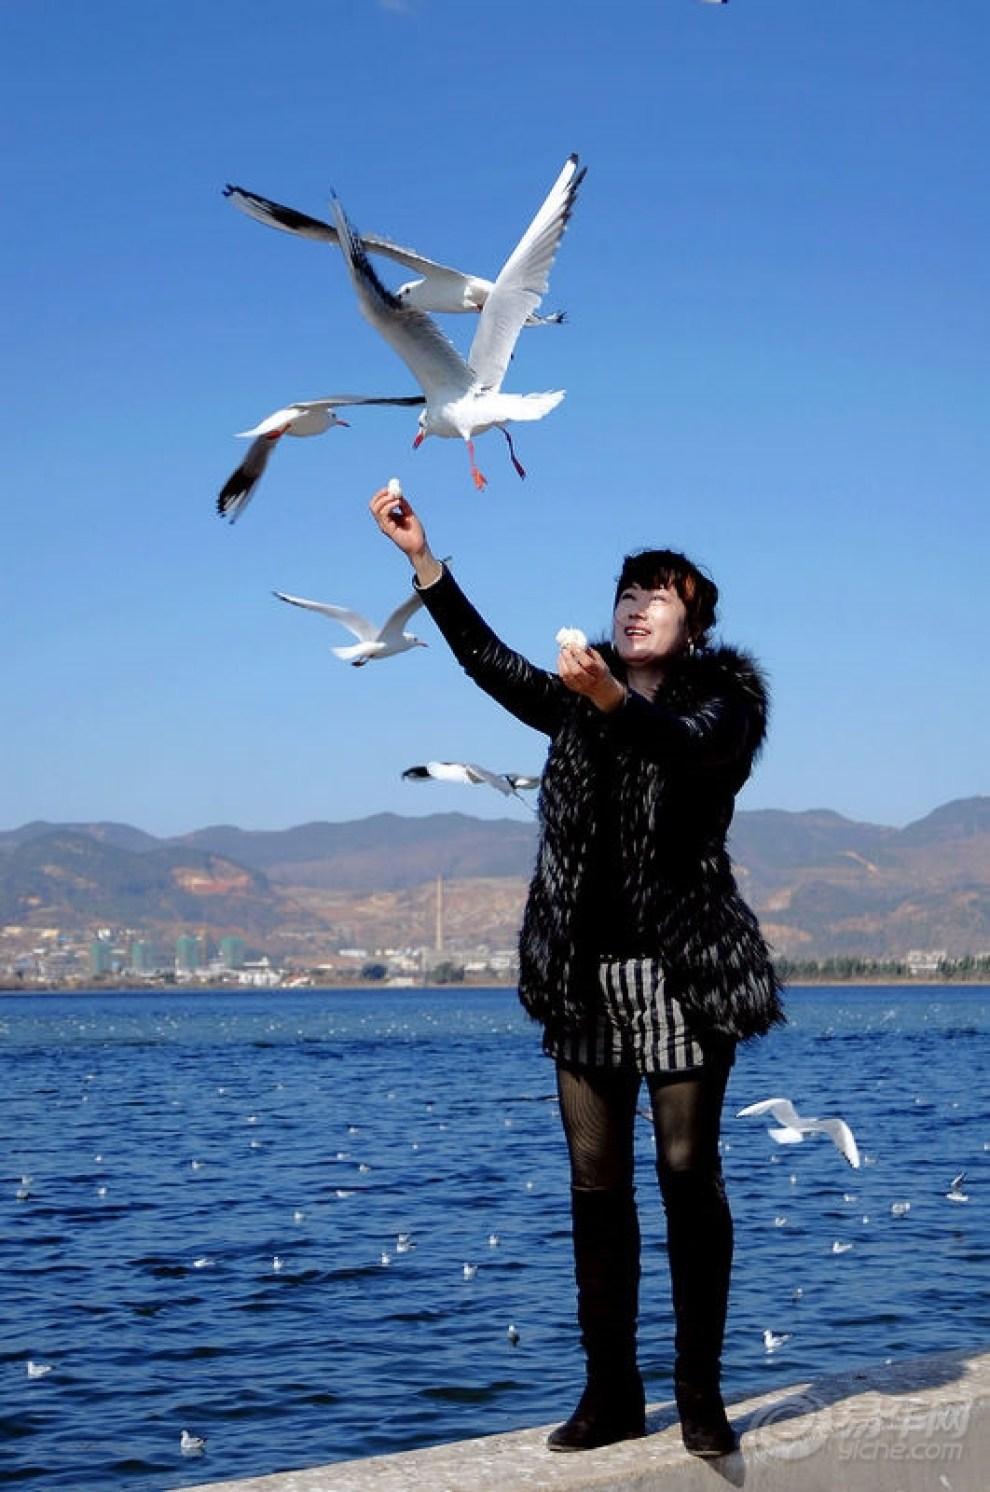 【昆明海埂海鸥拍~~大坝!】_v海鸥论坛图片集锦永川好吃名豪美食街有的什么图片